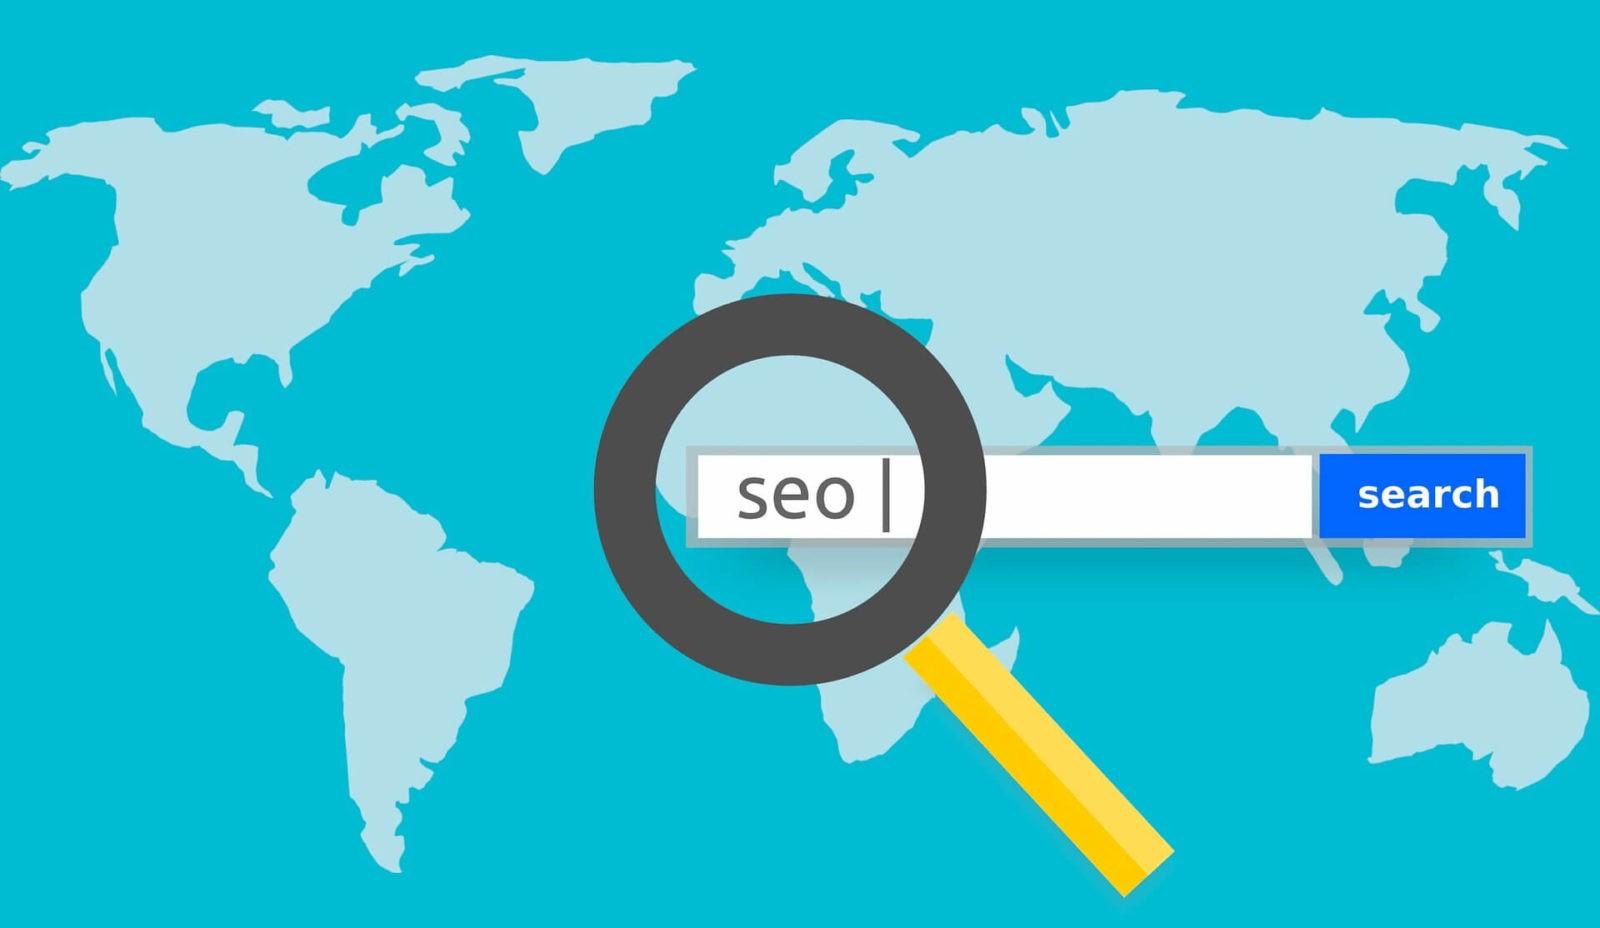 Как оптимизировать сайт - SEO